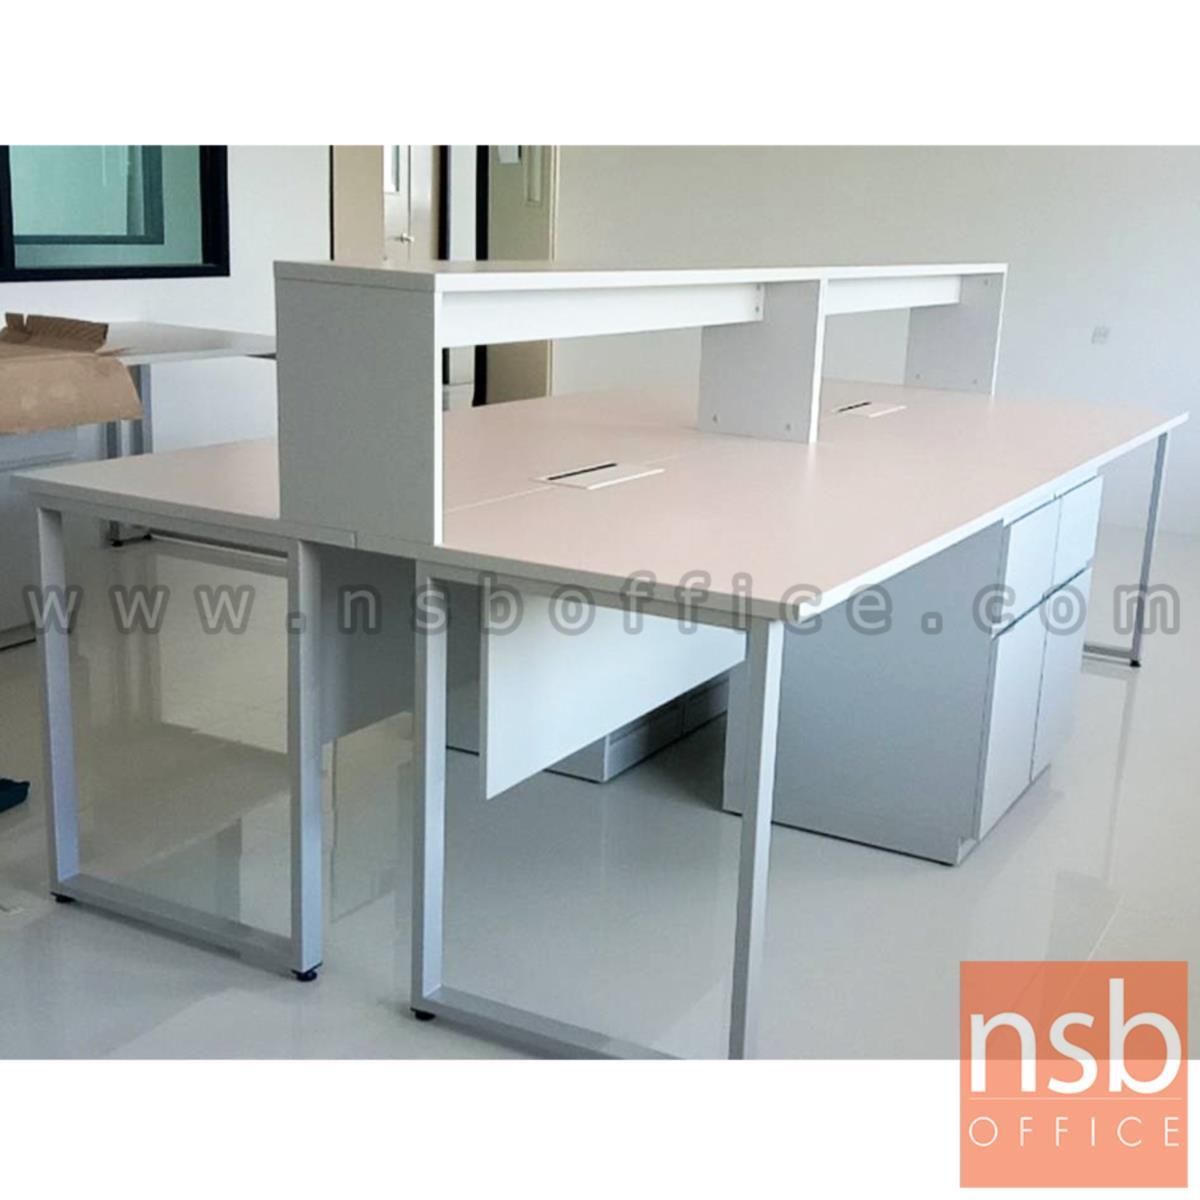 โต๊ะห้องแล๊บท๊อปลามิเนต HPL แบบมีชั้นต่อบน  พร้อม popup กึ่งกลางโต๊ะ